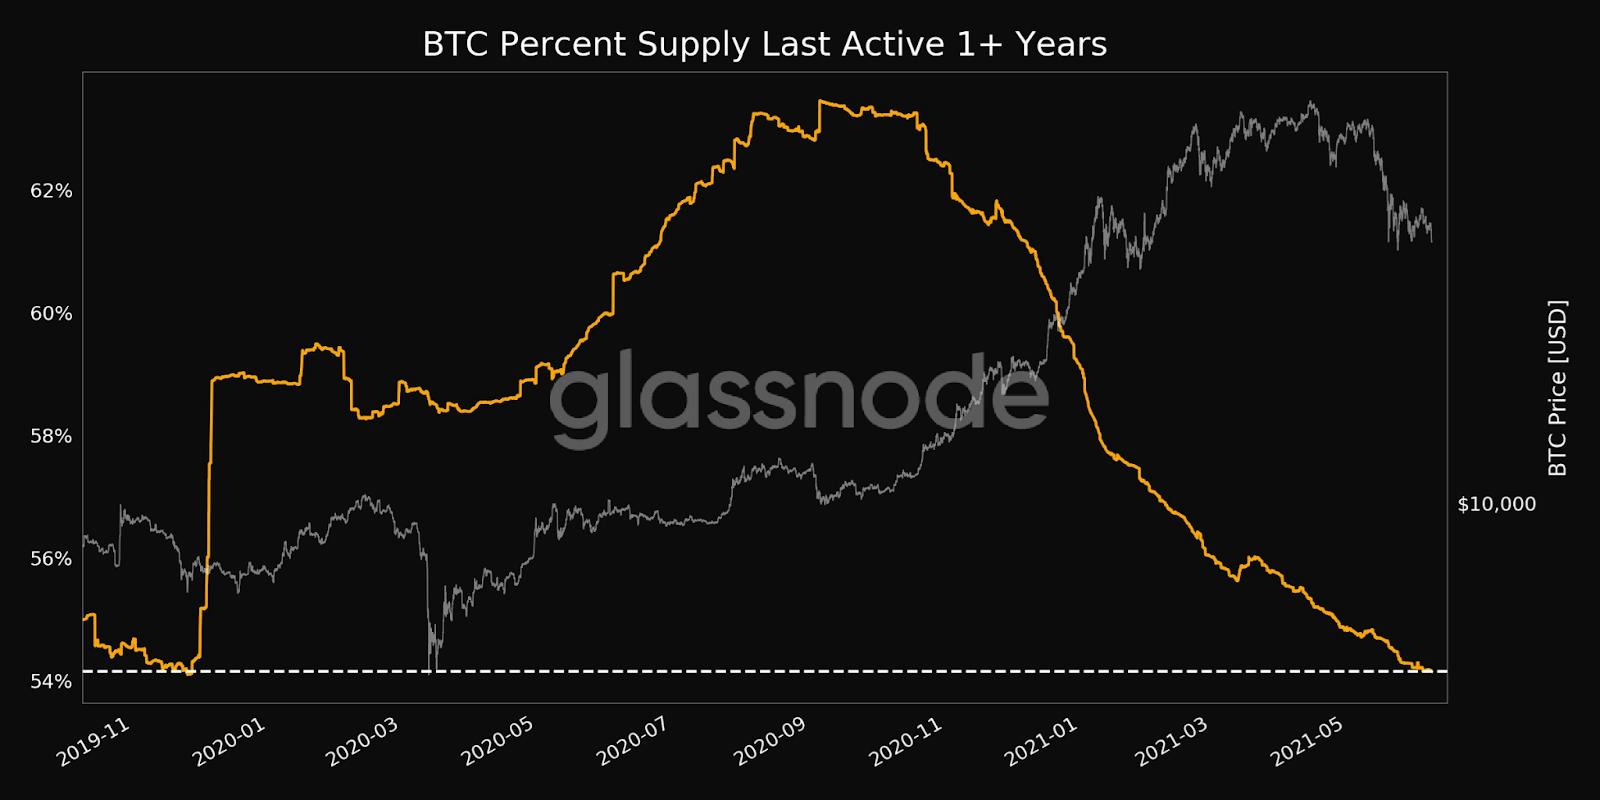 Bitcoin BTC 1+ Year Supply